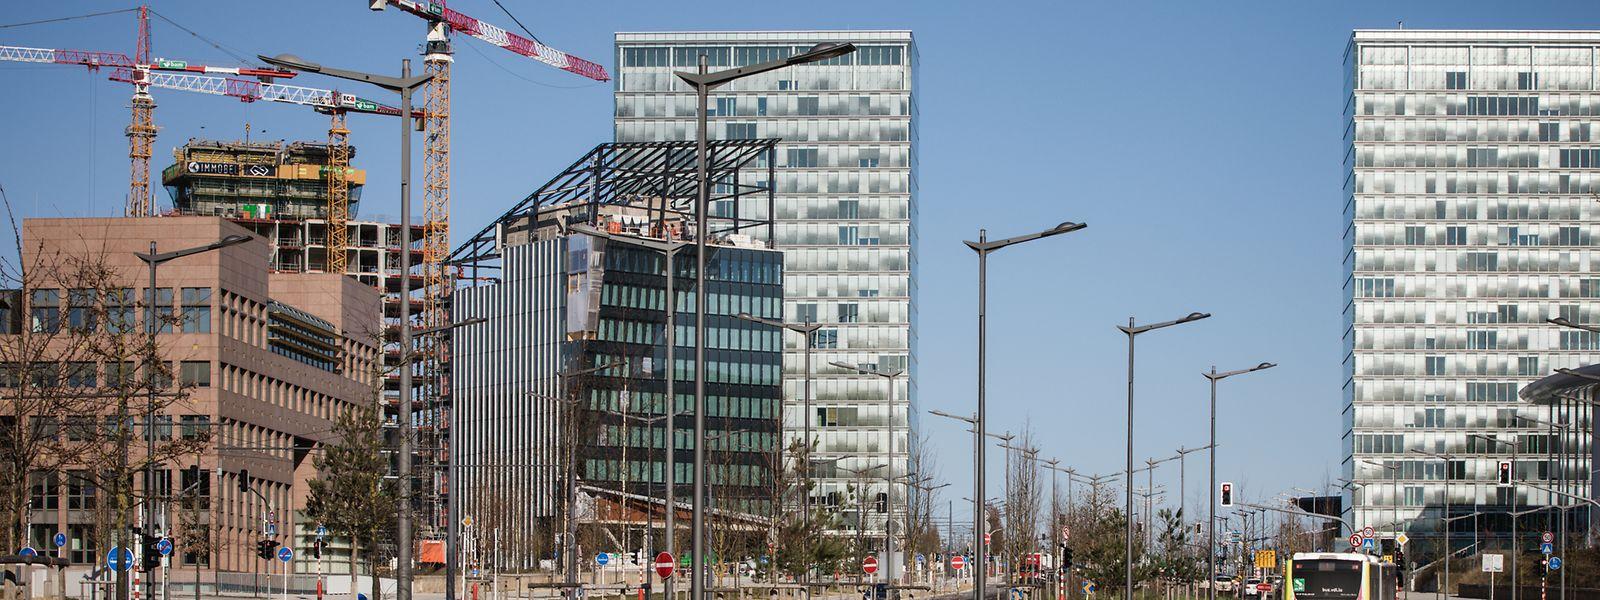 Au premier plan, la tour de bureaux est quasi parachevée en façade. A l'arrière, on distingue les 15 premiers étages de la future tour résidentielle. Entre les deux tours, le chantier du centre commercial est bien avancé.